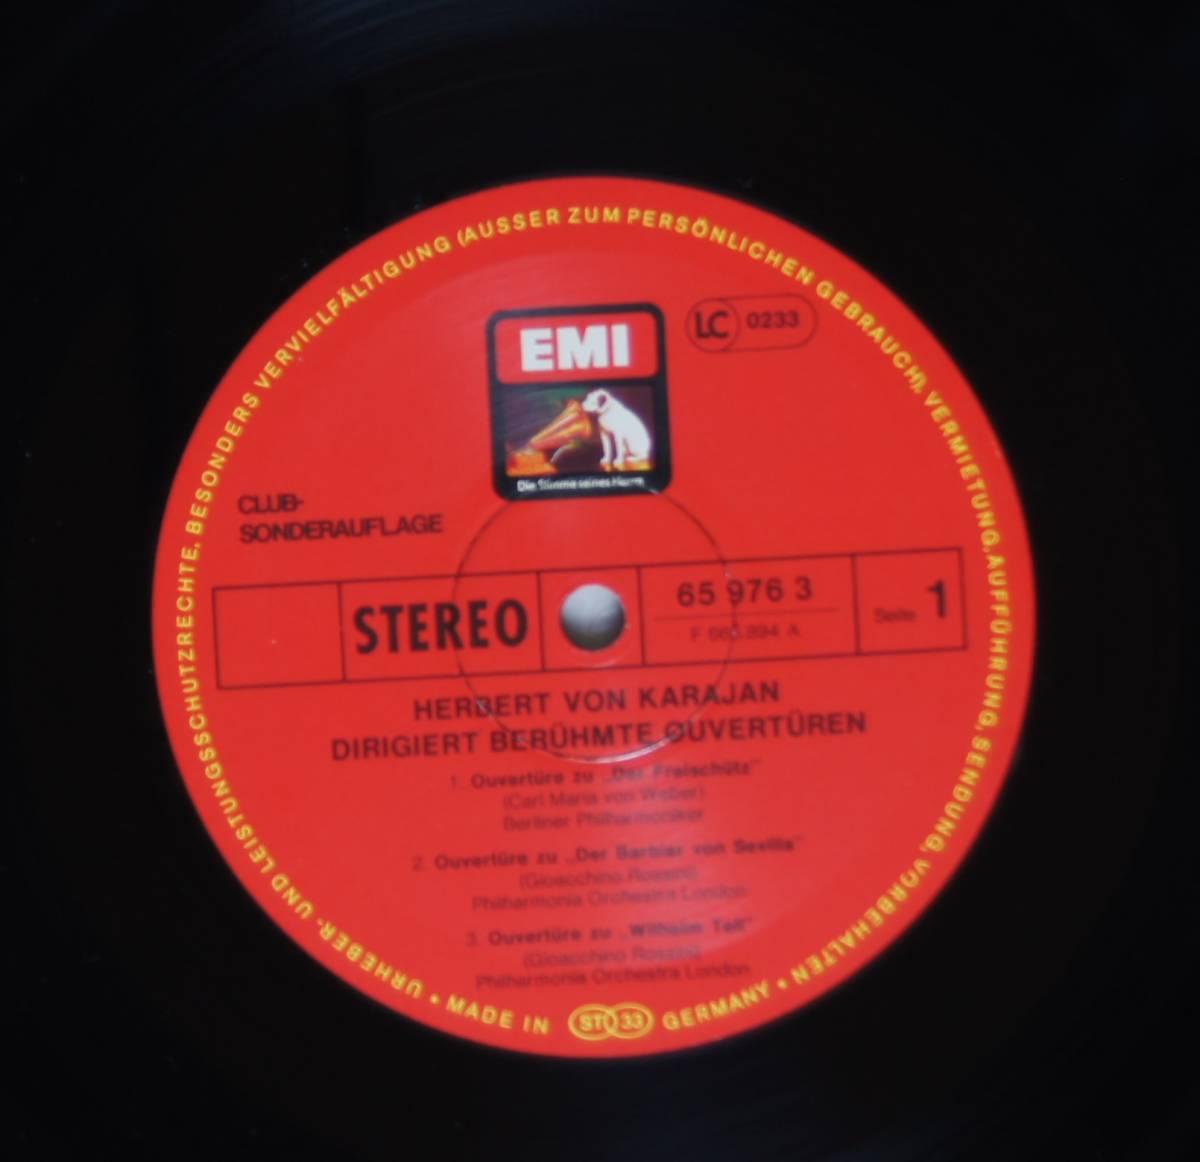 ヘルベルト・フォン・カラヤン/ベルリン・フィル/フィルハーモニア管弦楽団【ドイツ盤】「オペラ序曲集」_画像3